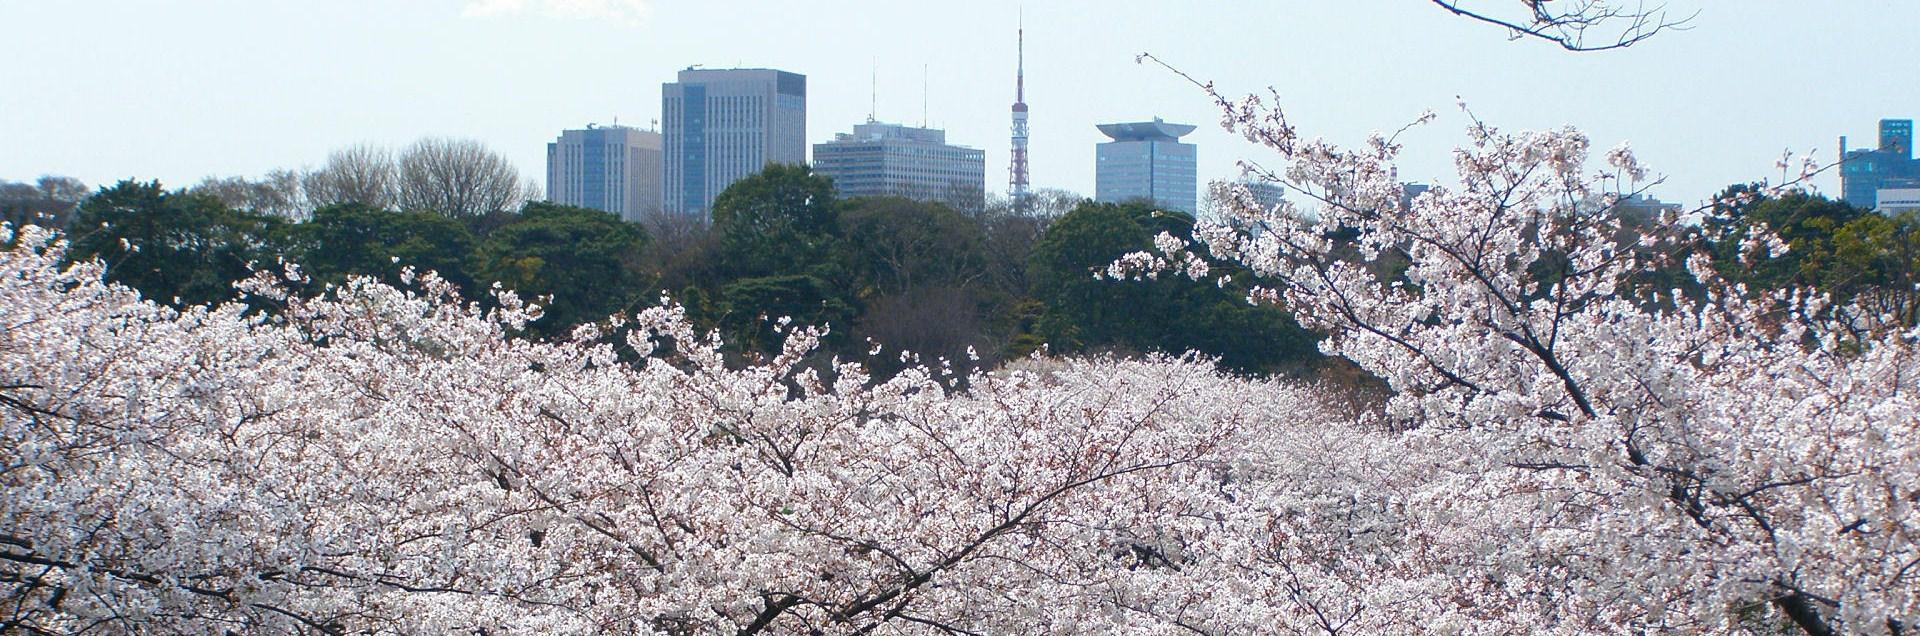 Tokio, en.wikipedia.org